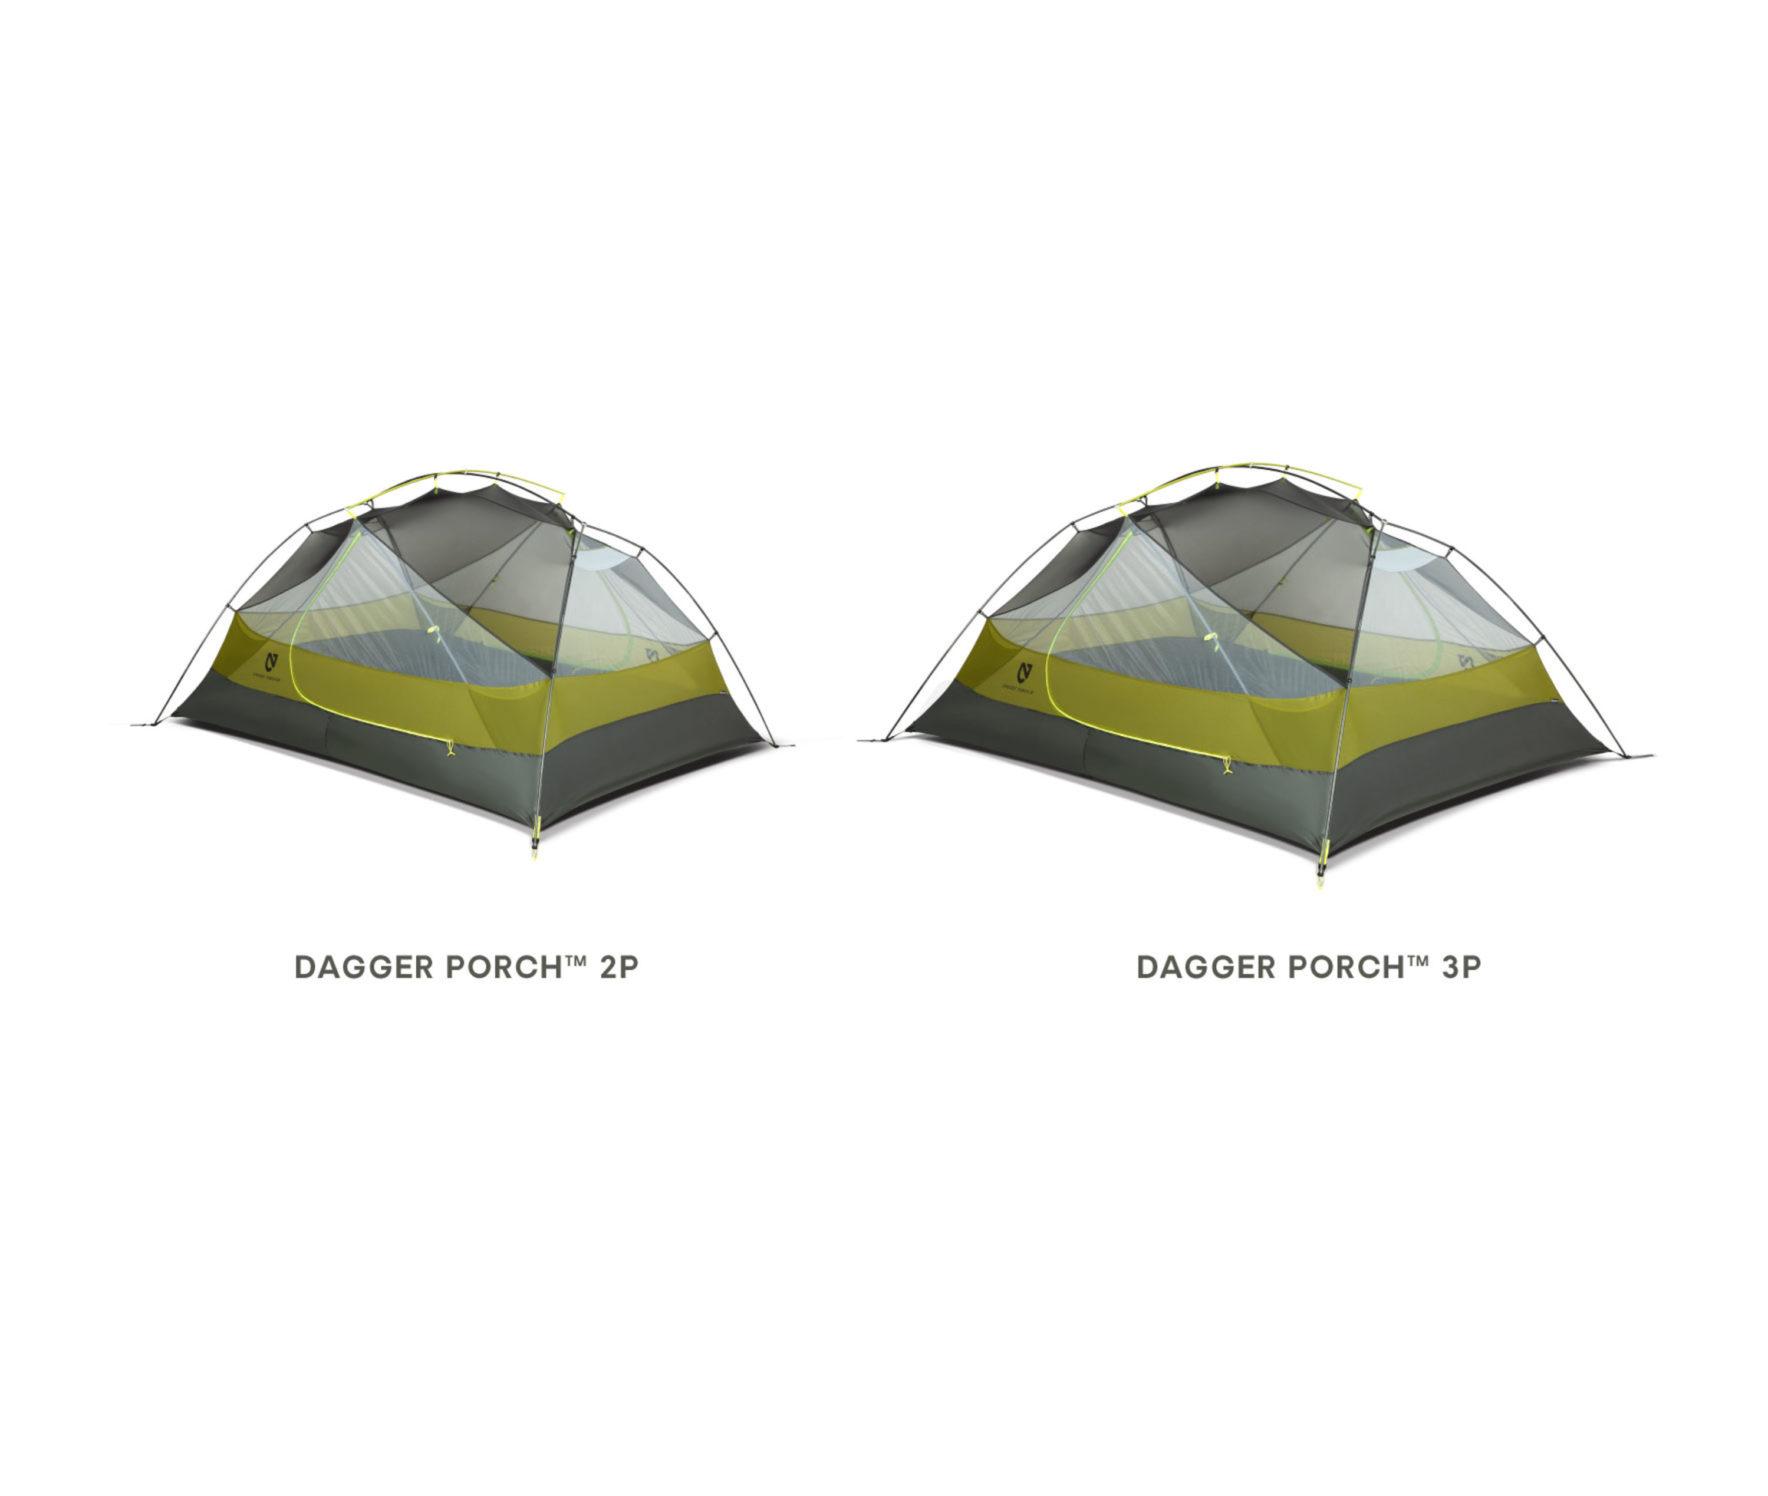 NEMO(ニーモ)から巨大な前室を持つミニマムなテントが発売されました「DAGGER PORCH TENT」9